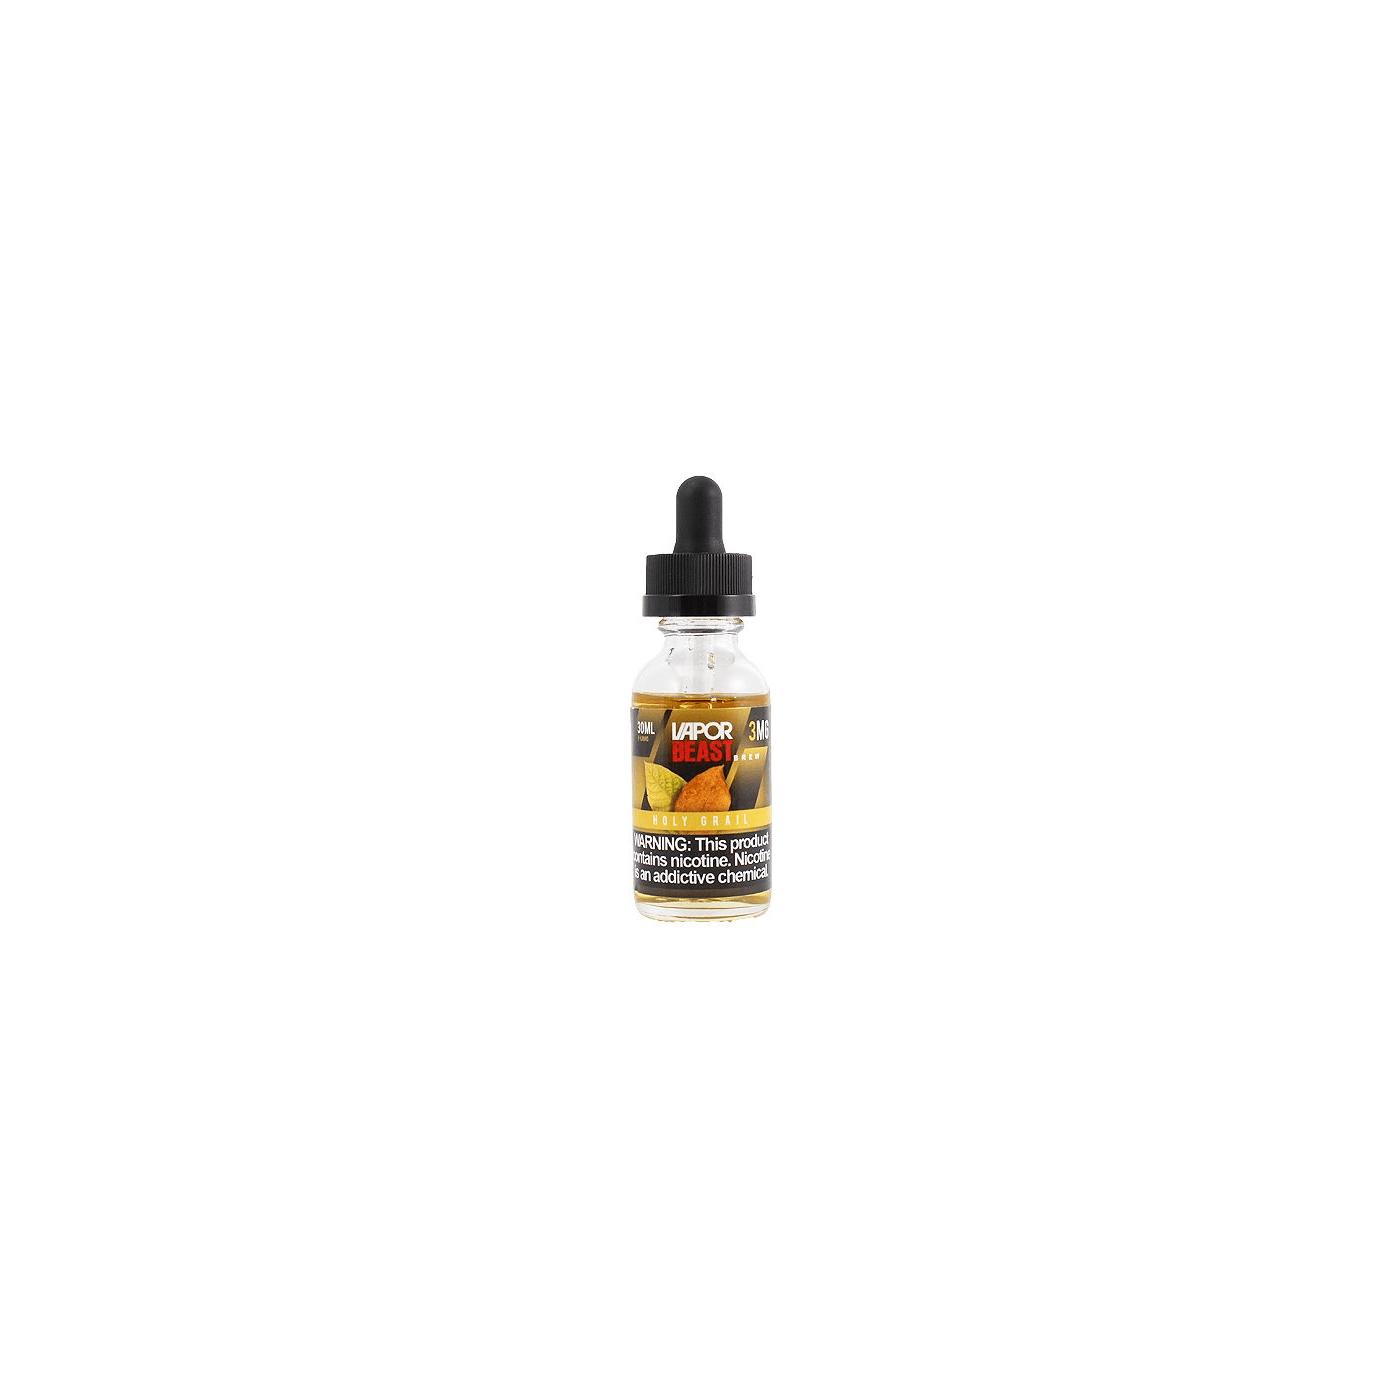 Beast Brew Holy Grail RY4 Sweet Tobacco V2